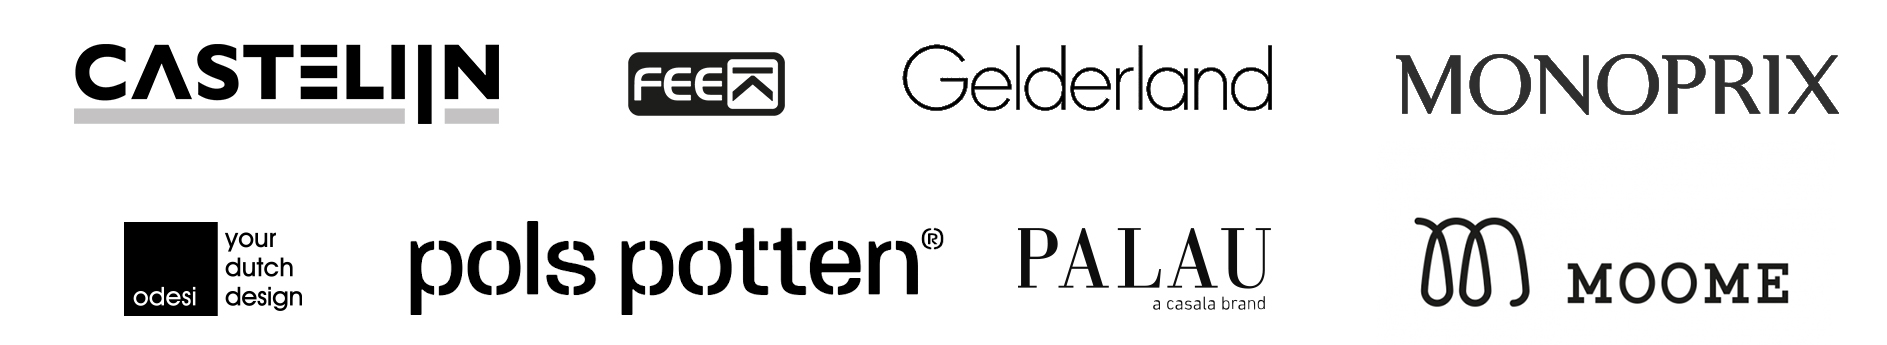 logos 2019 1